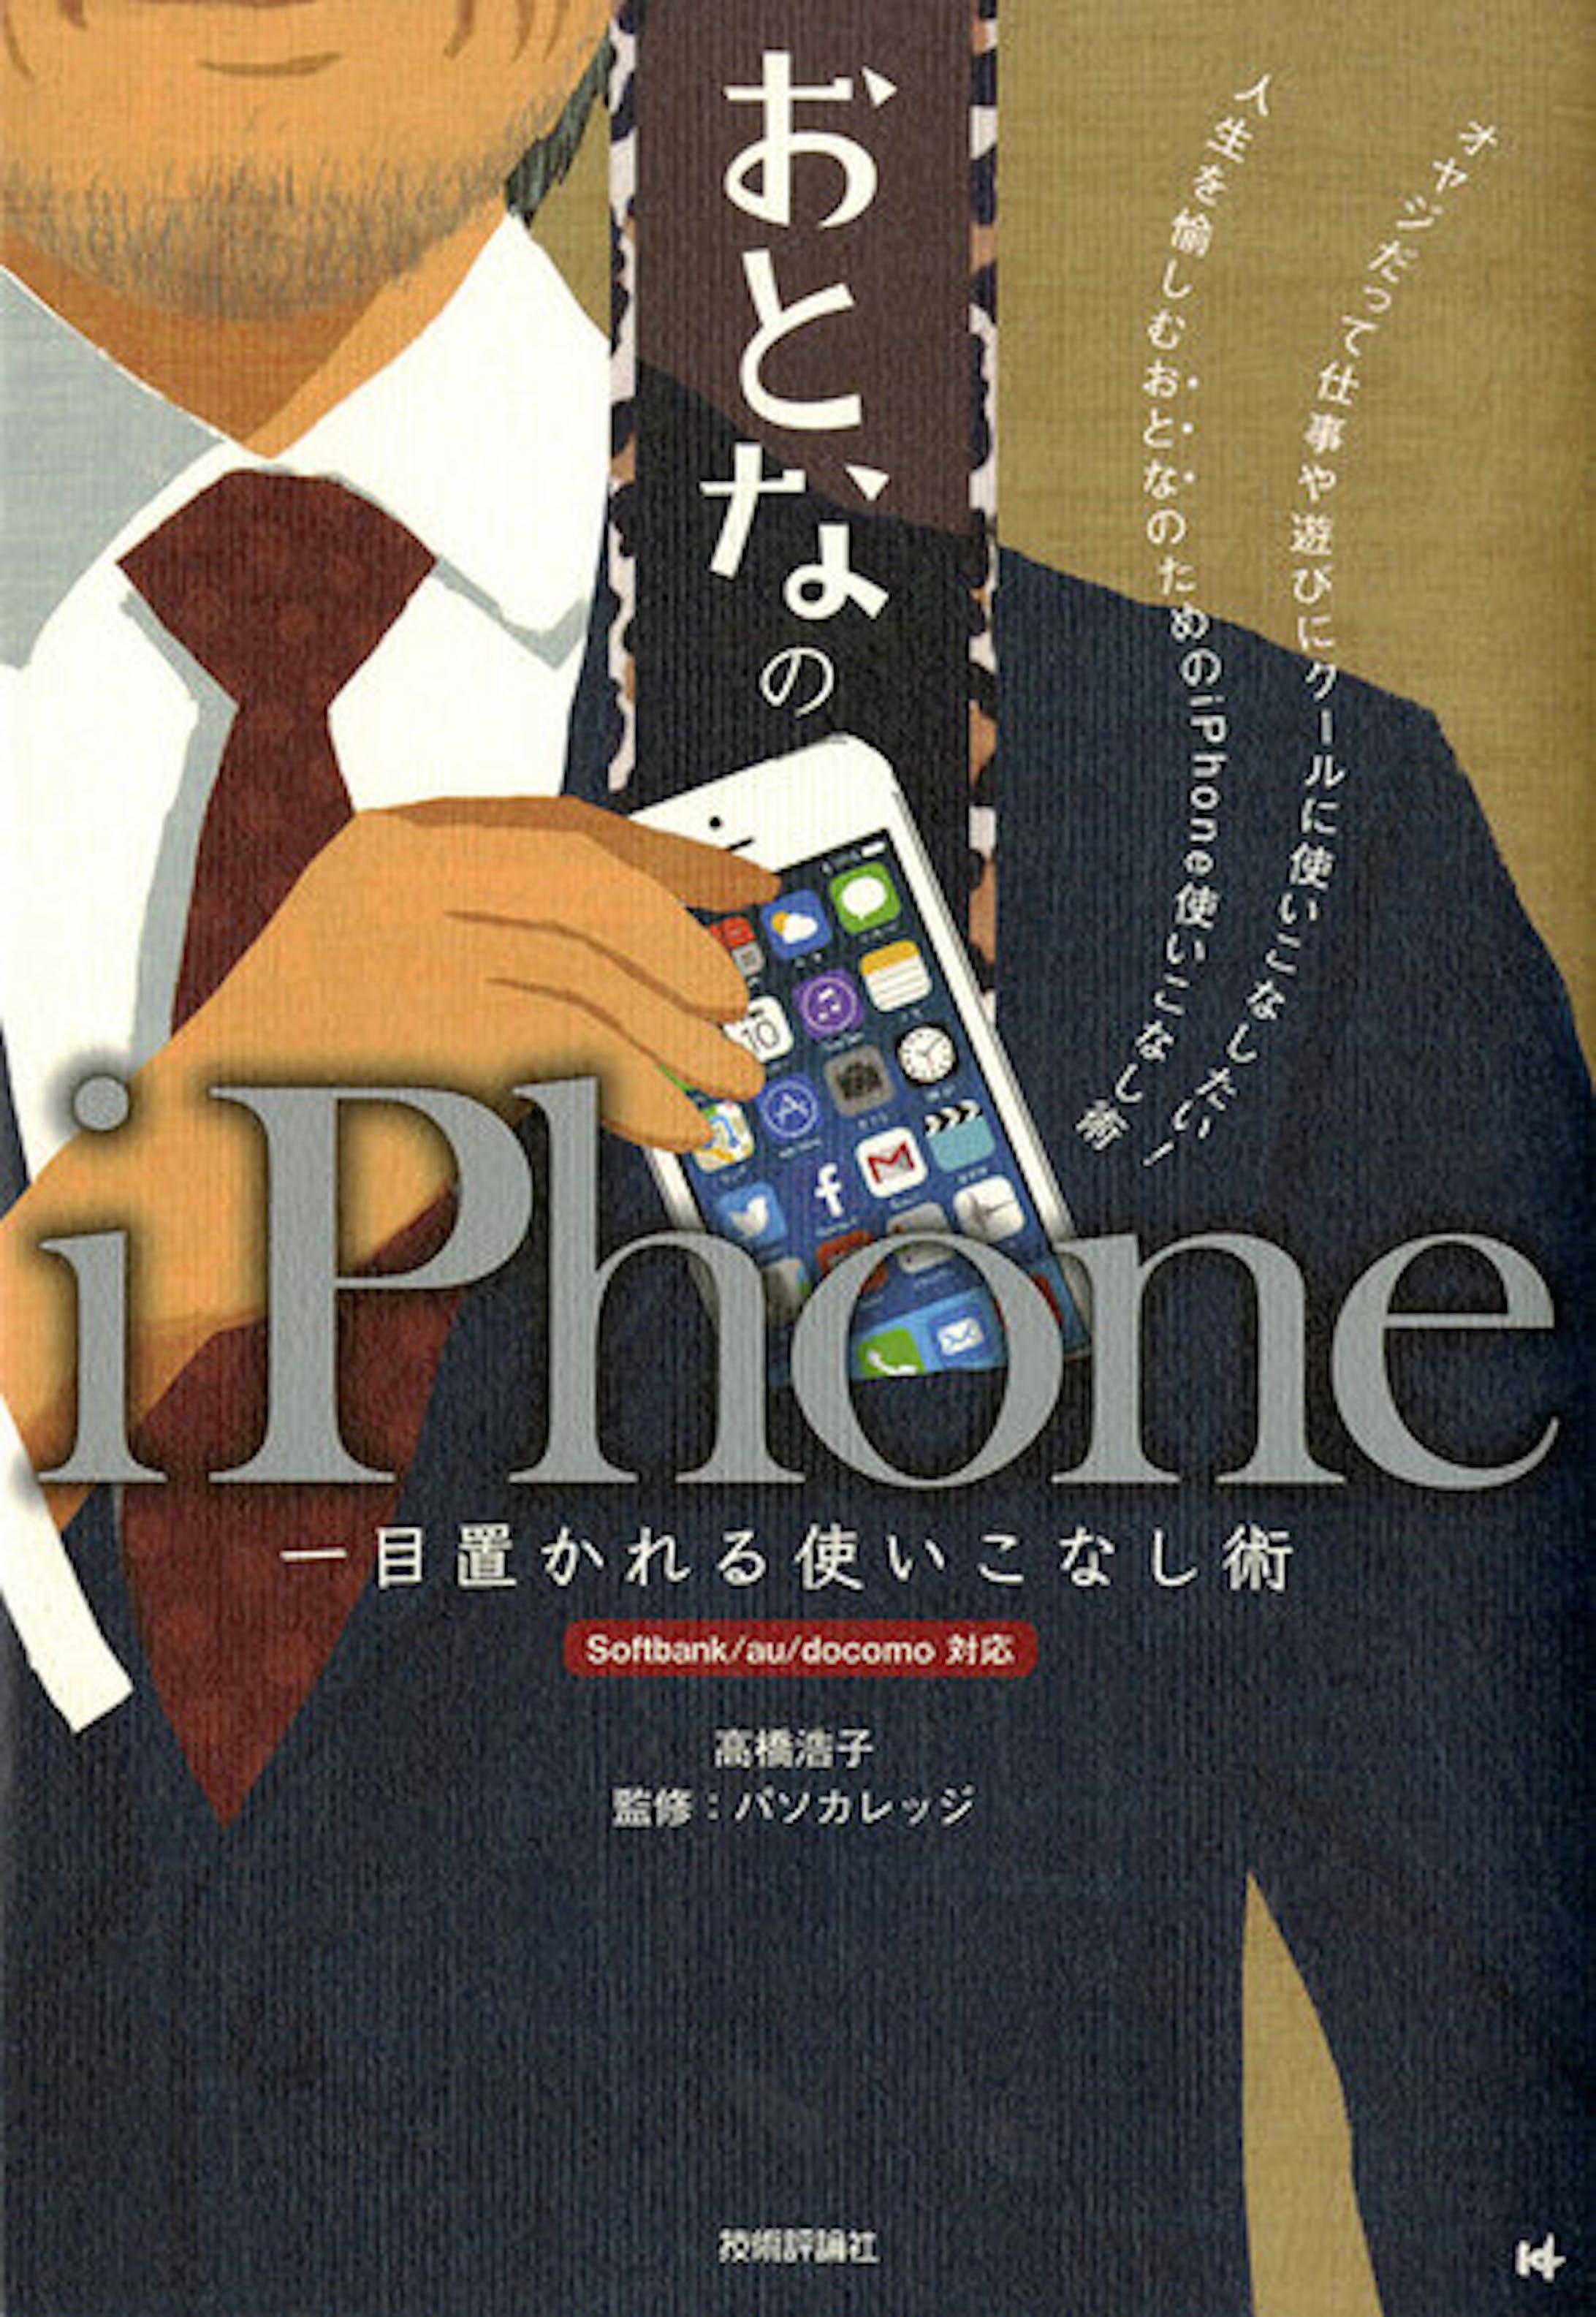 「おとなのiPhone ~ 一目置かれる使いこなし術」-2